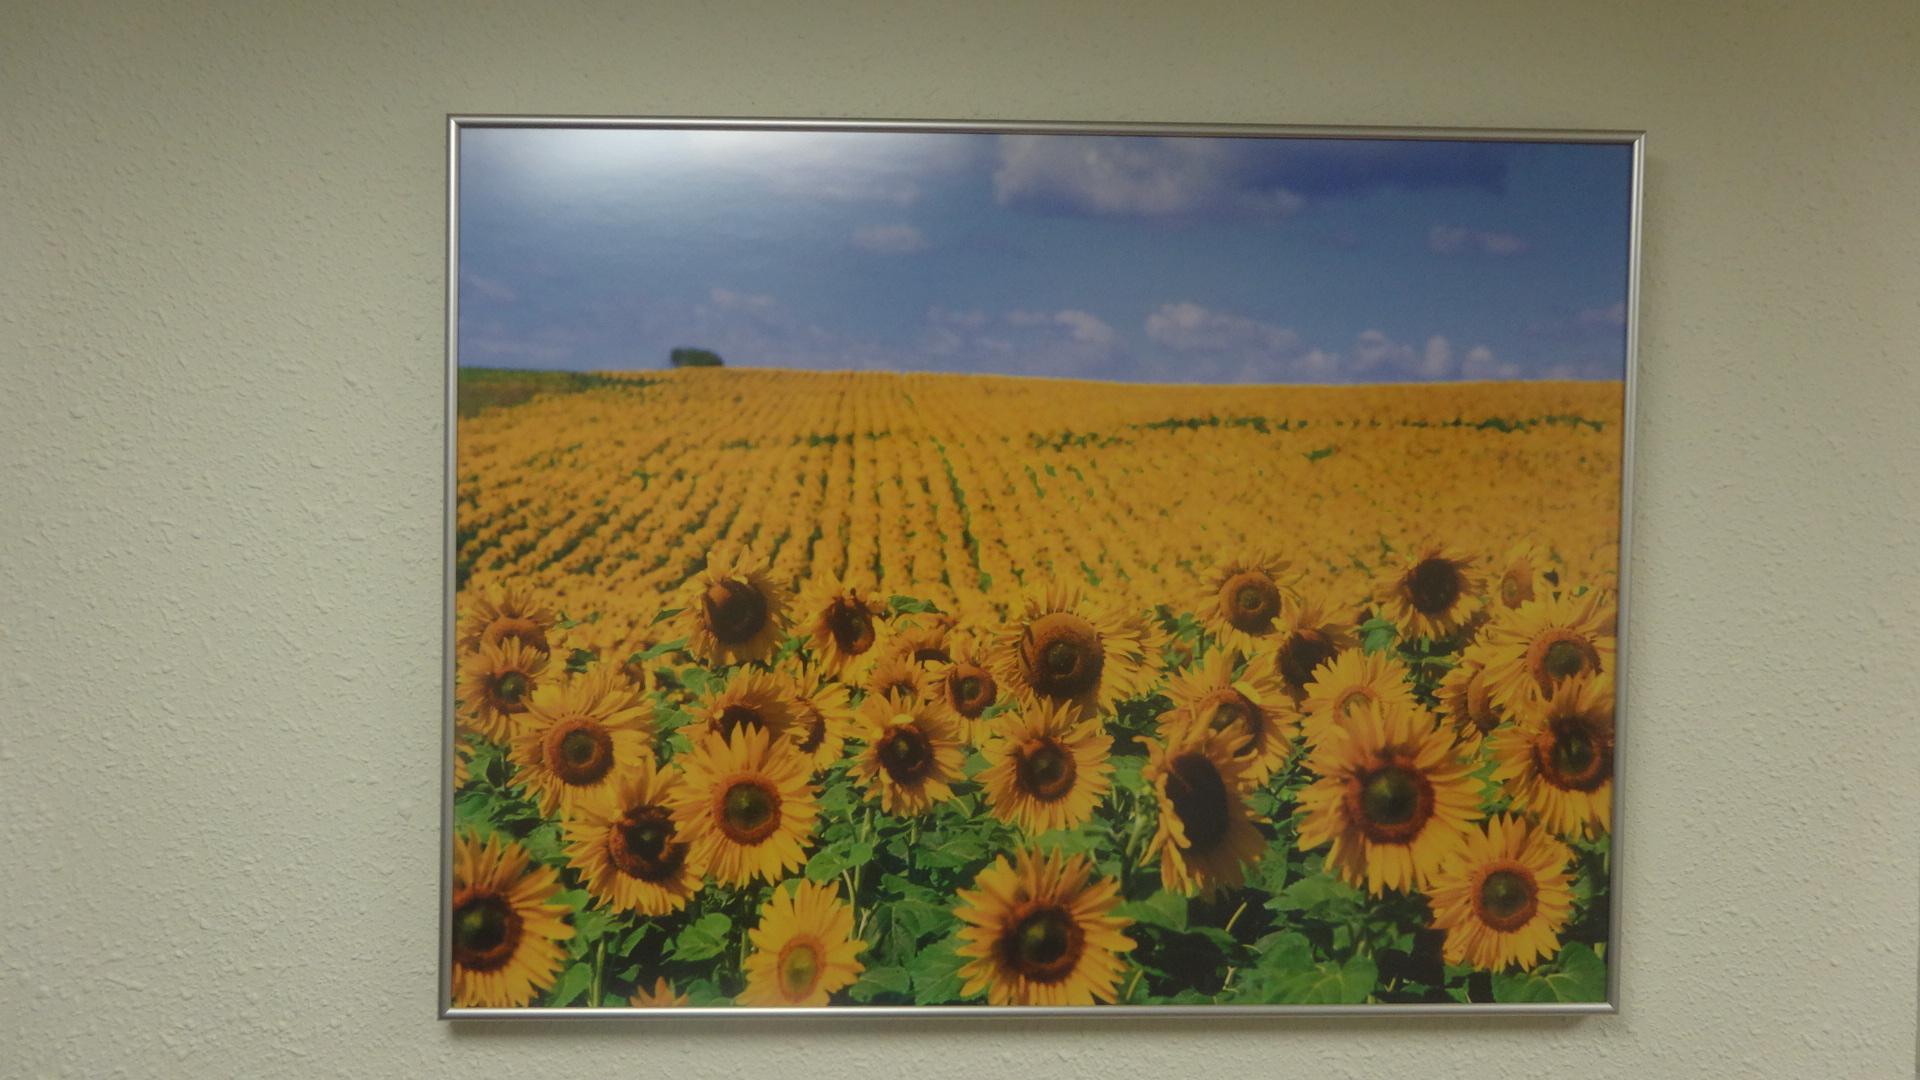 医院の壁に飾られているヒマワリの風景写真